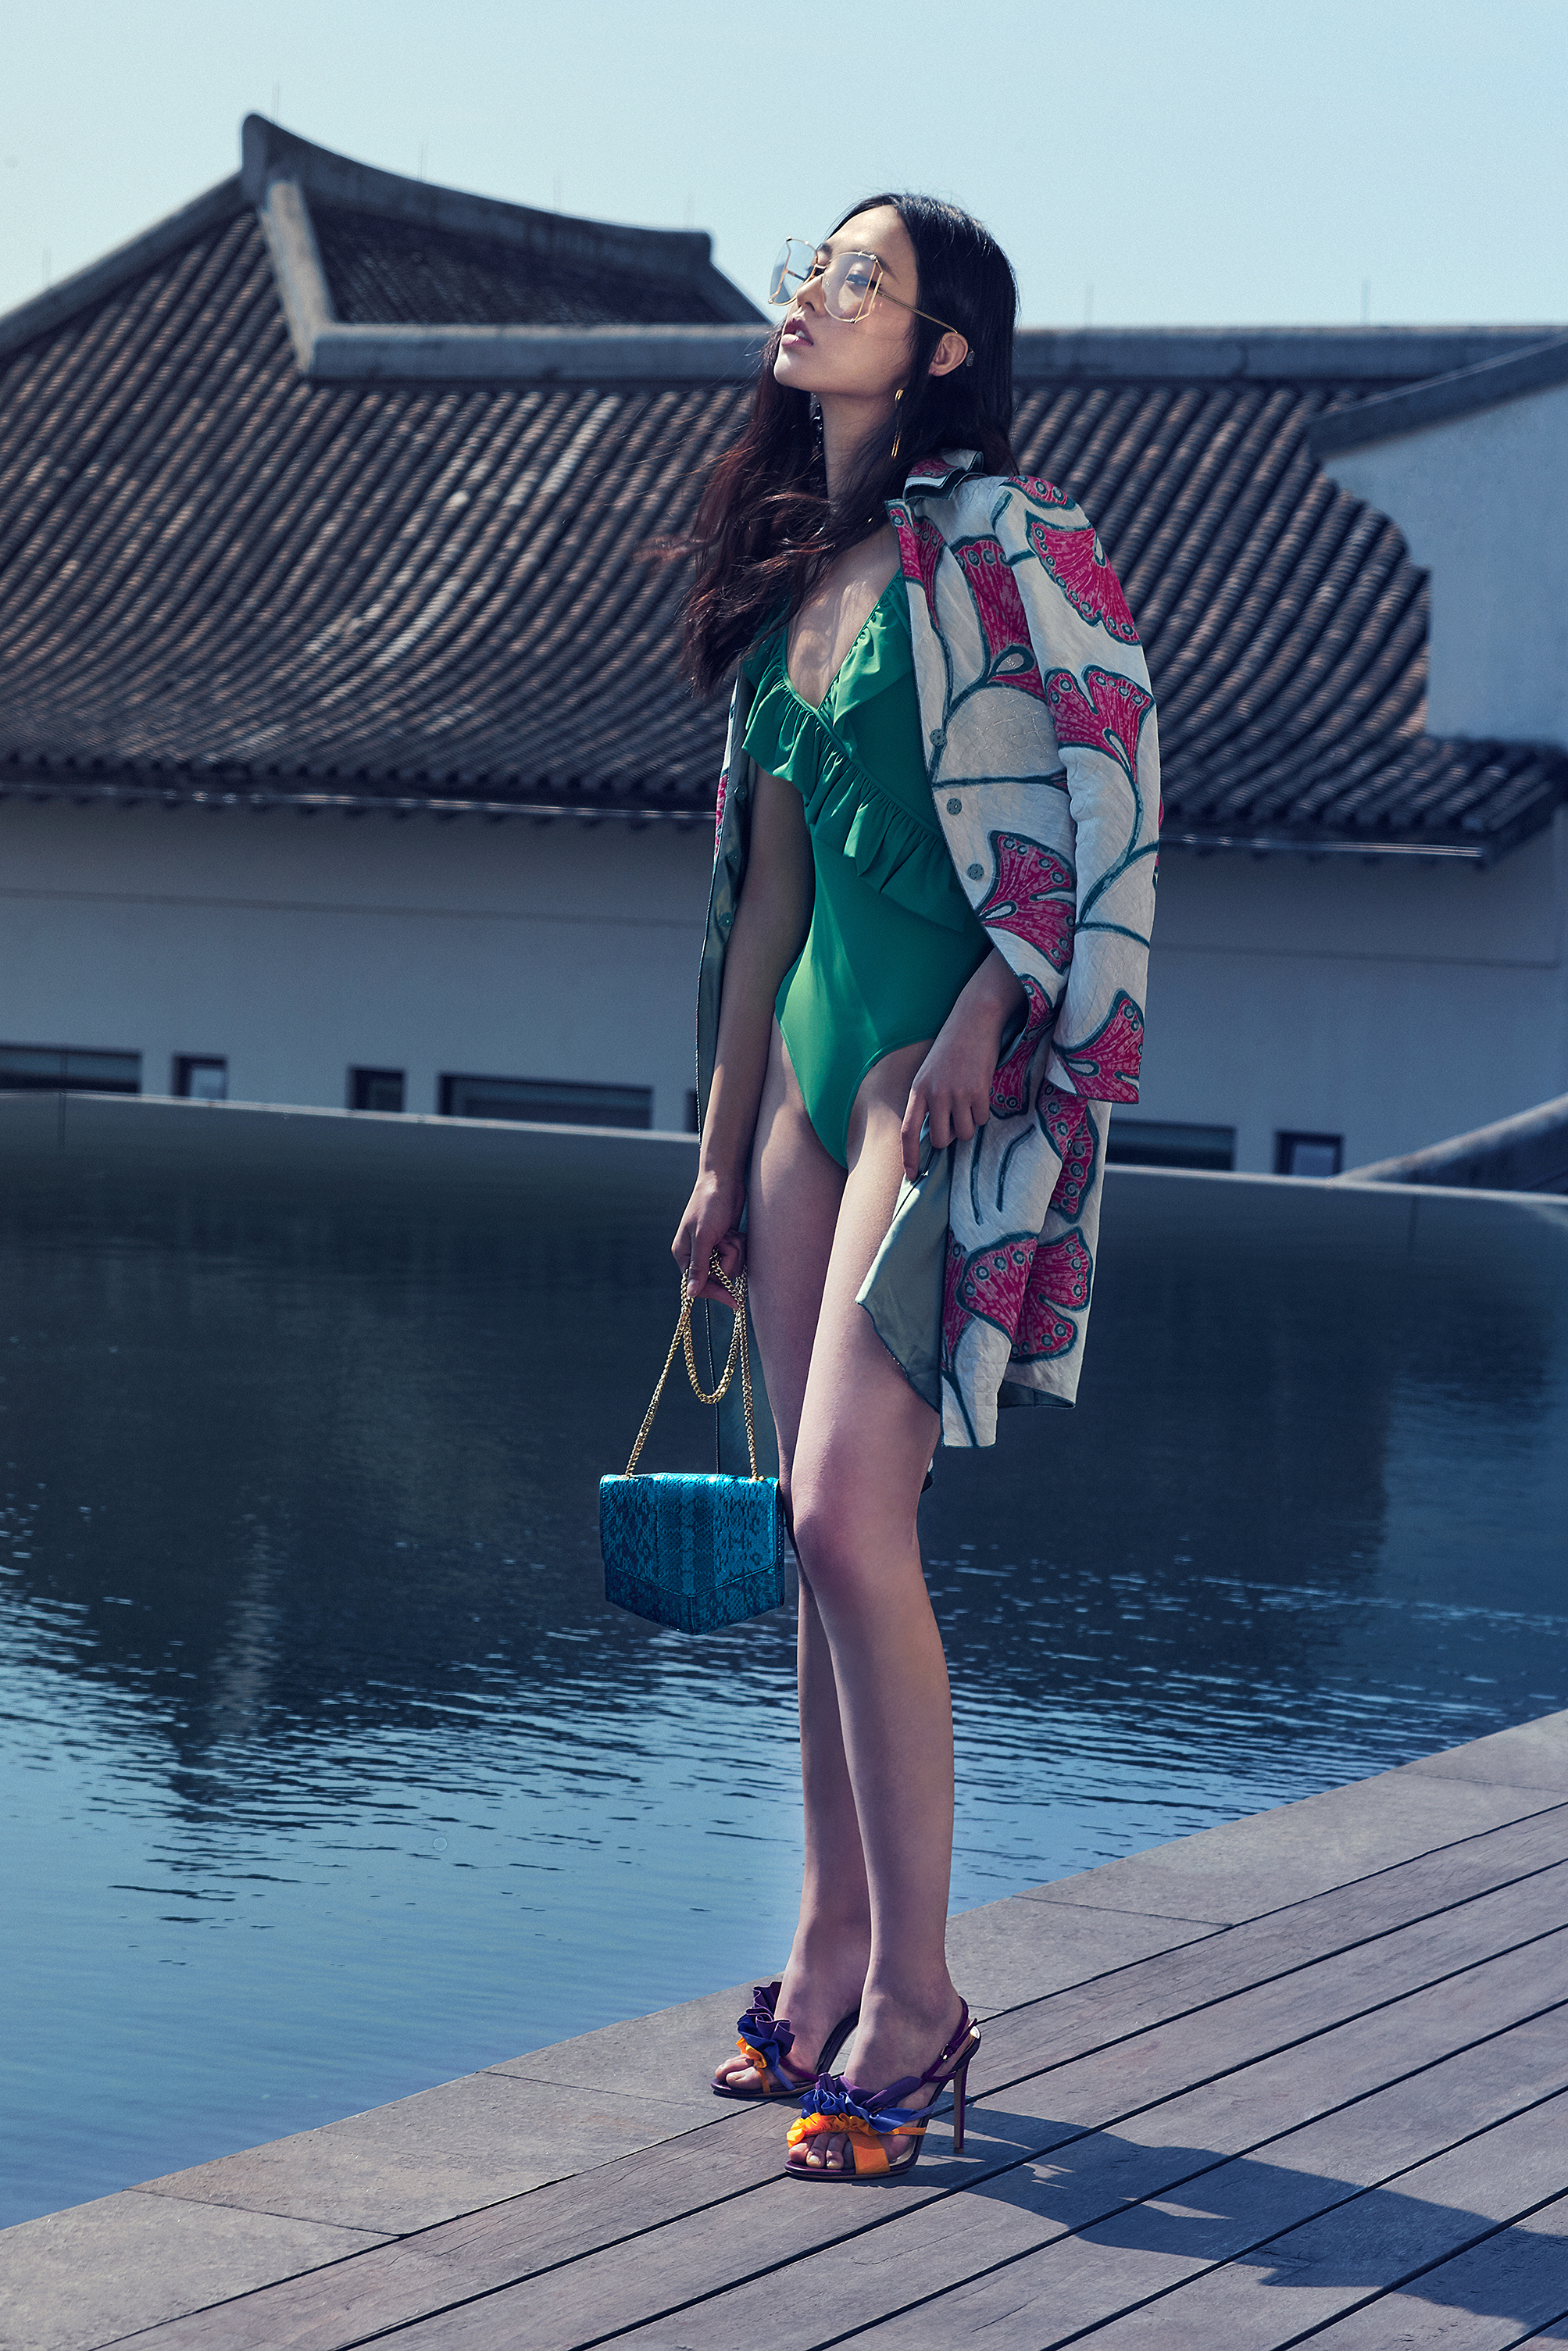 #fashion #parkhyatt #style #HngKngfa